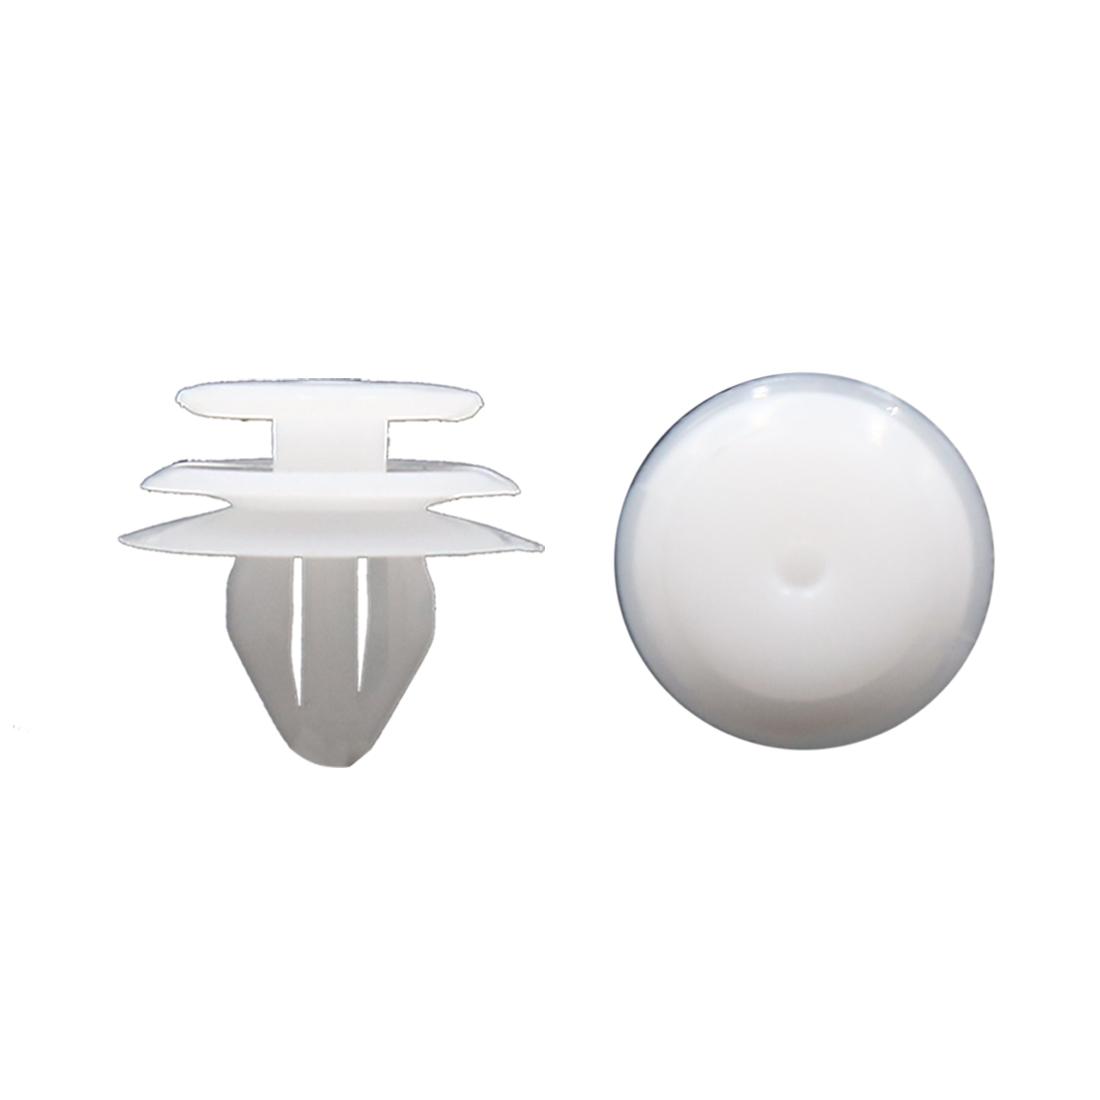 20 Pcs 9mm Hole White Plastic Push in Rivet Interior Trim Panel Car Door Clips